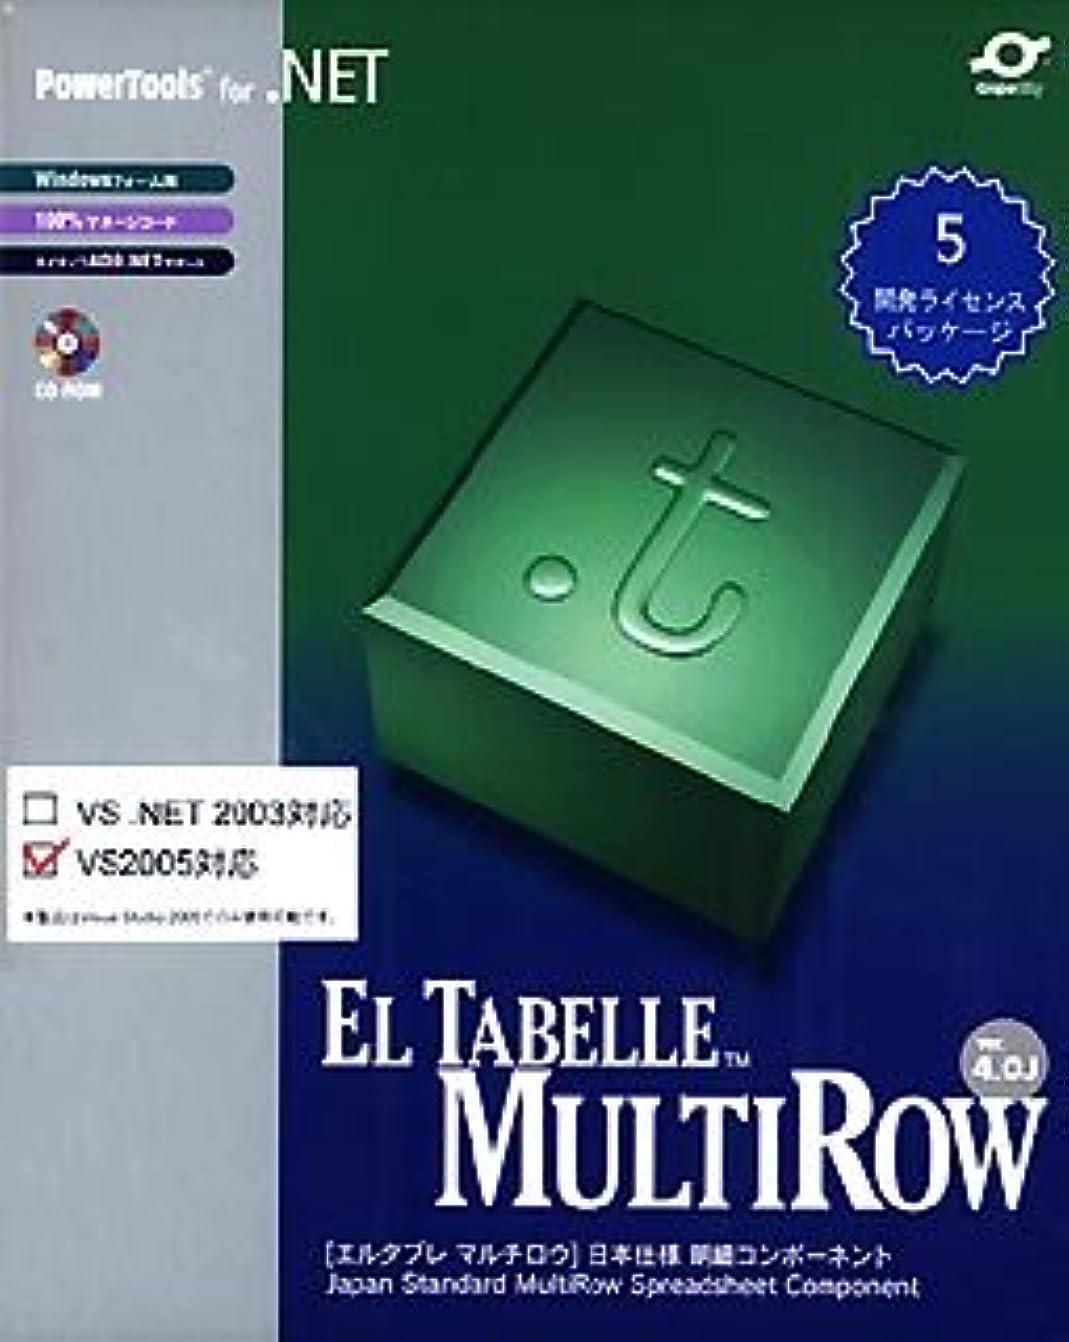 たくさんピストル赤面El Tabelle MultiRow 4.0J 5開発ライセンスパッケージ